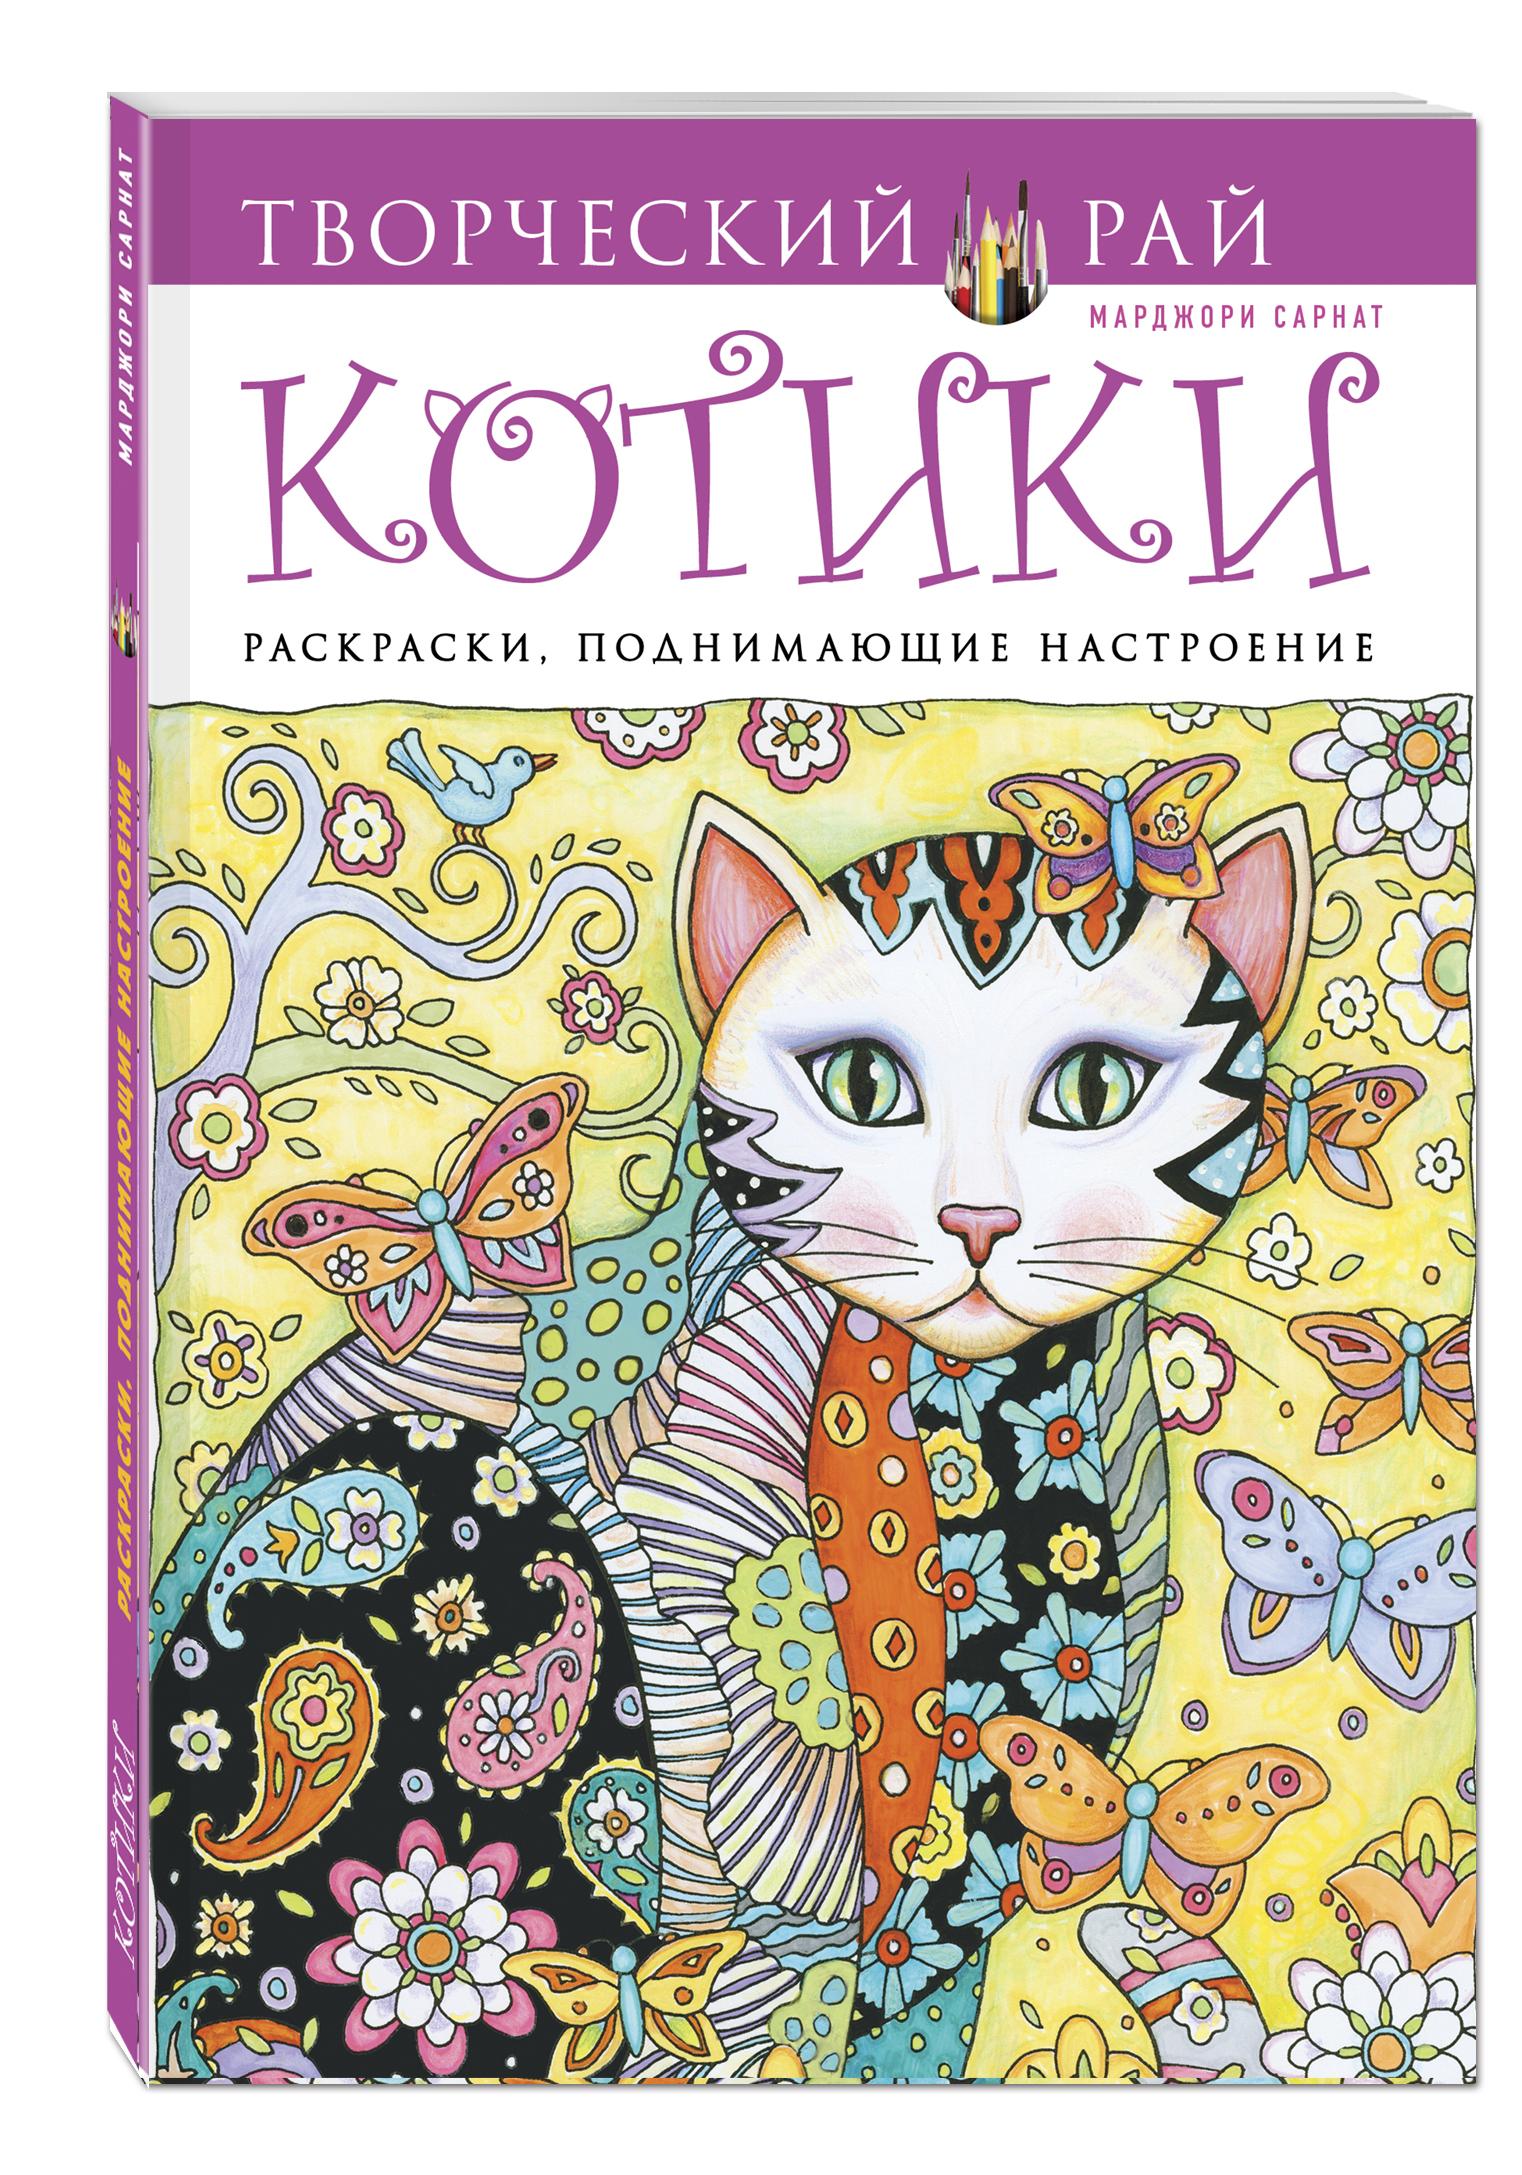 Котики. Раскраски, поднимающие настроение (АШАН) ( Сарнат М.  )